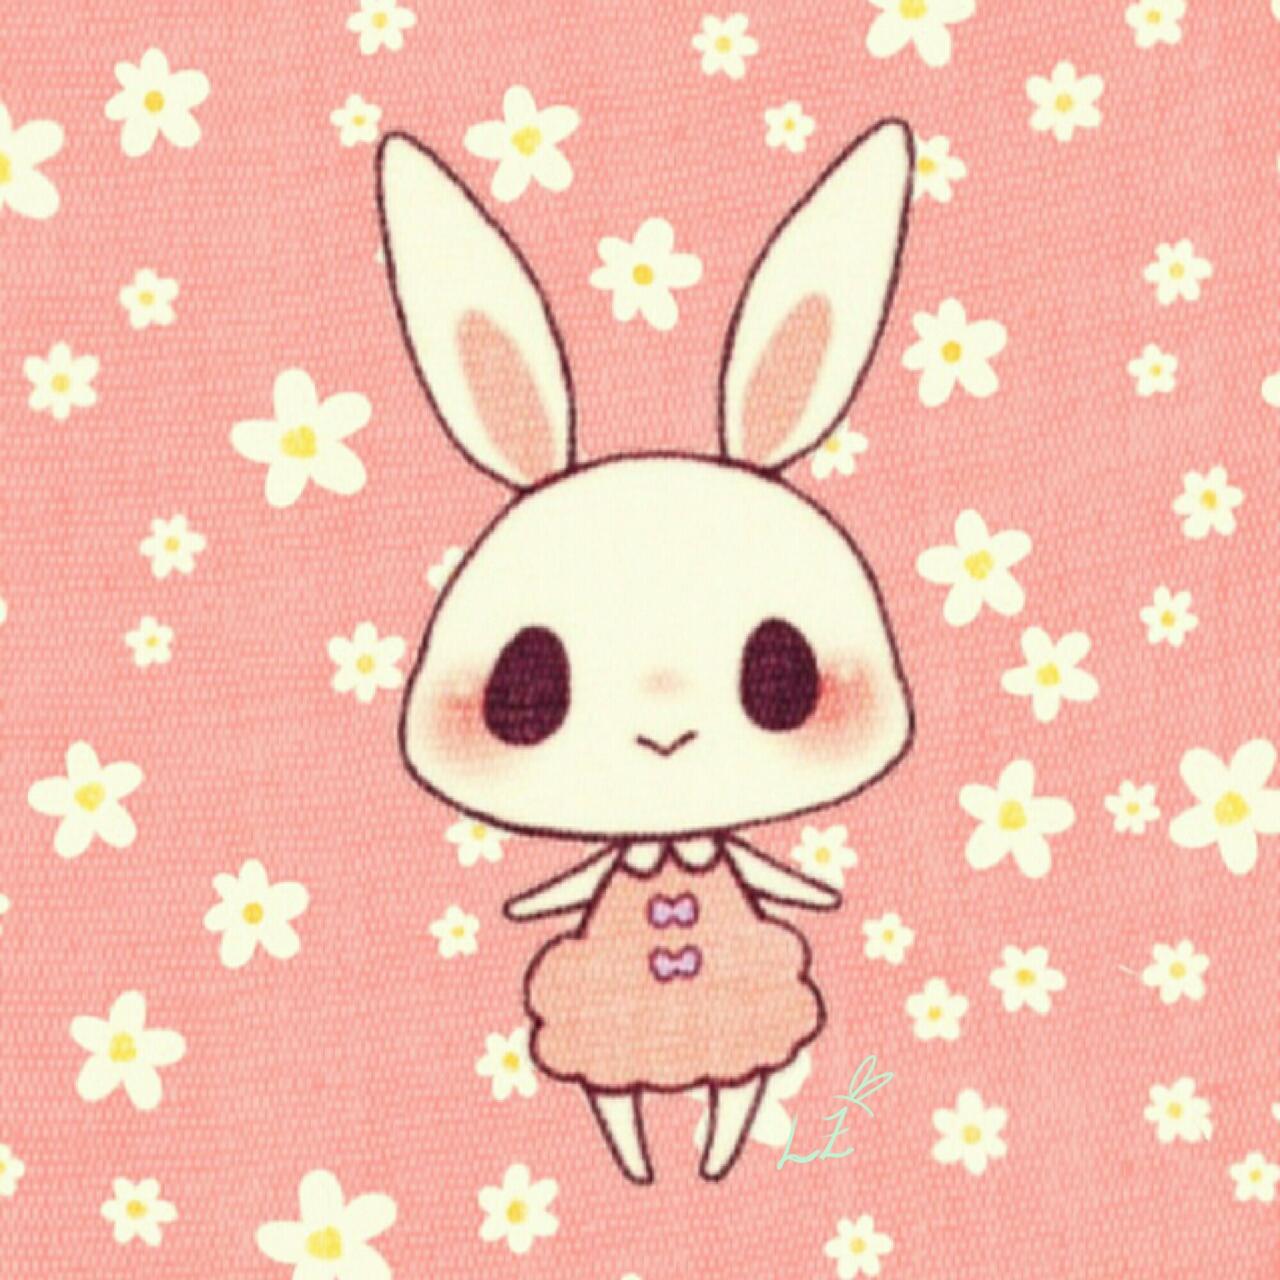 Must see Wallpaper Music Kawaii - kawaii_bunny_fondo_de_pantalla_bloqueo_by_lazukiztrukiz-d8wend7  Best Photo Reference_213484.jpg